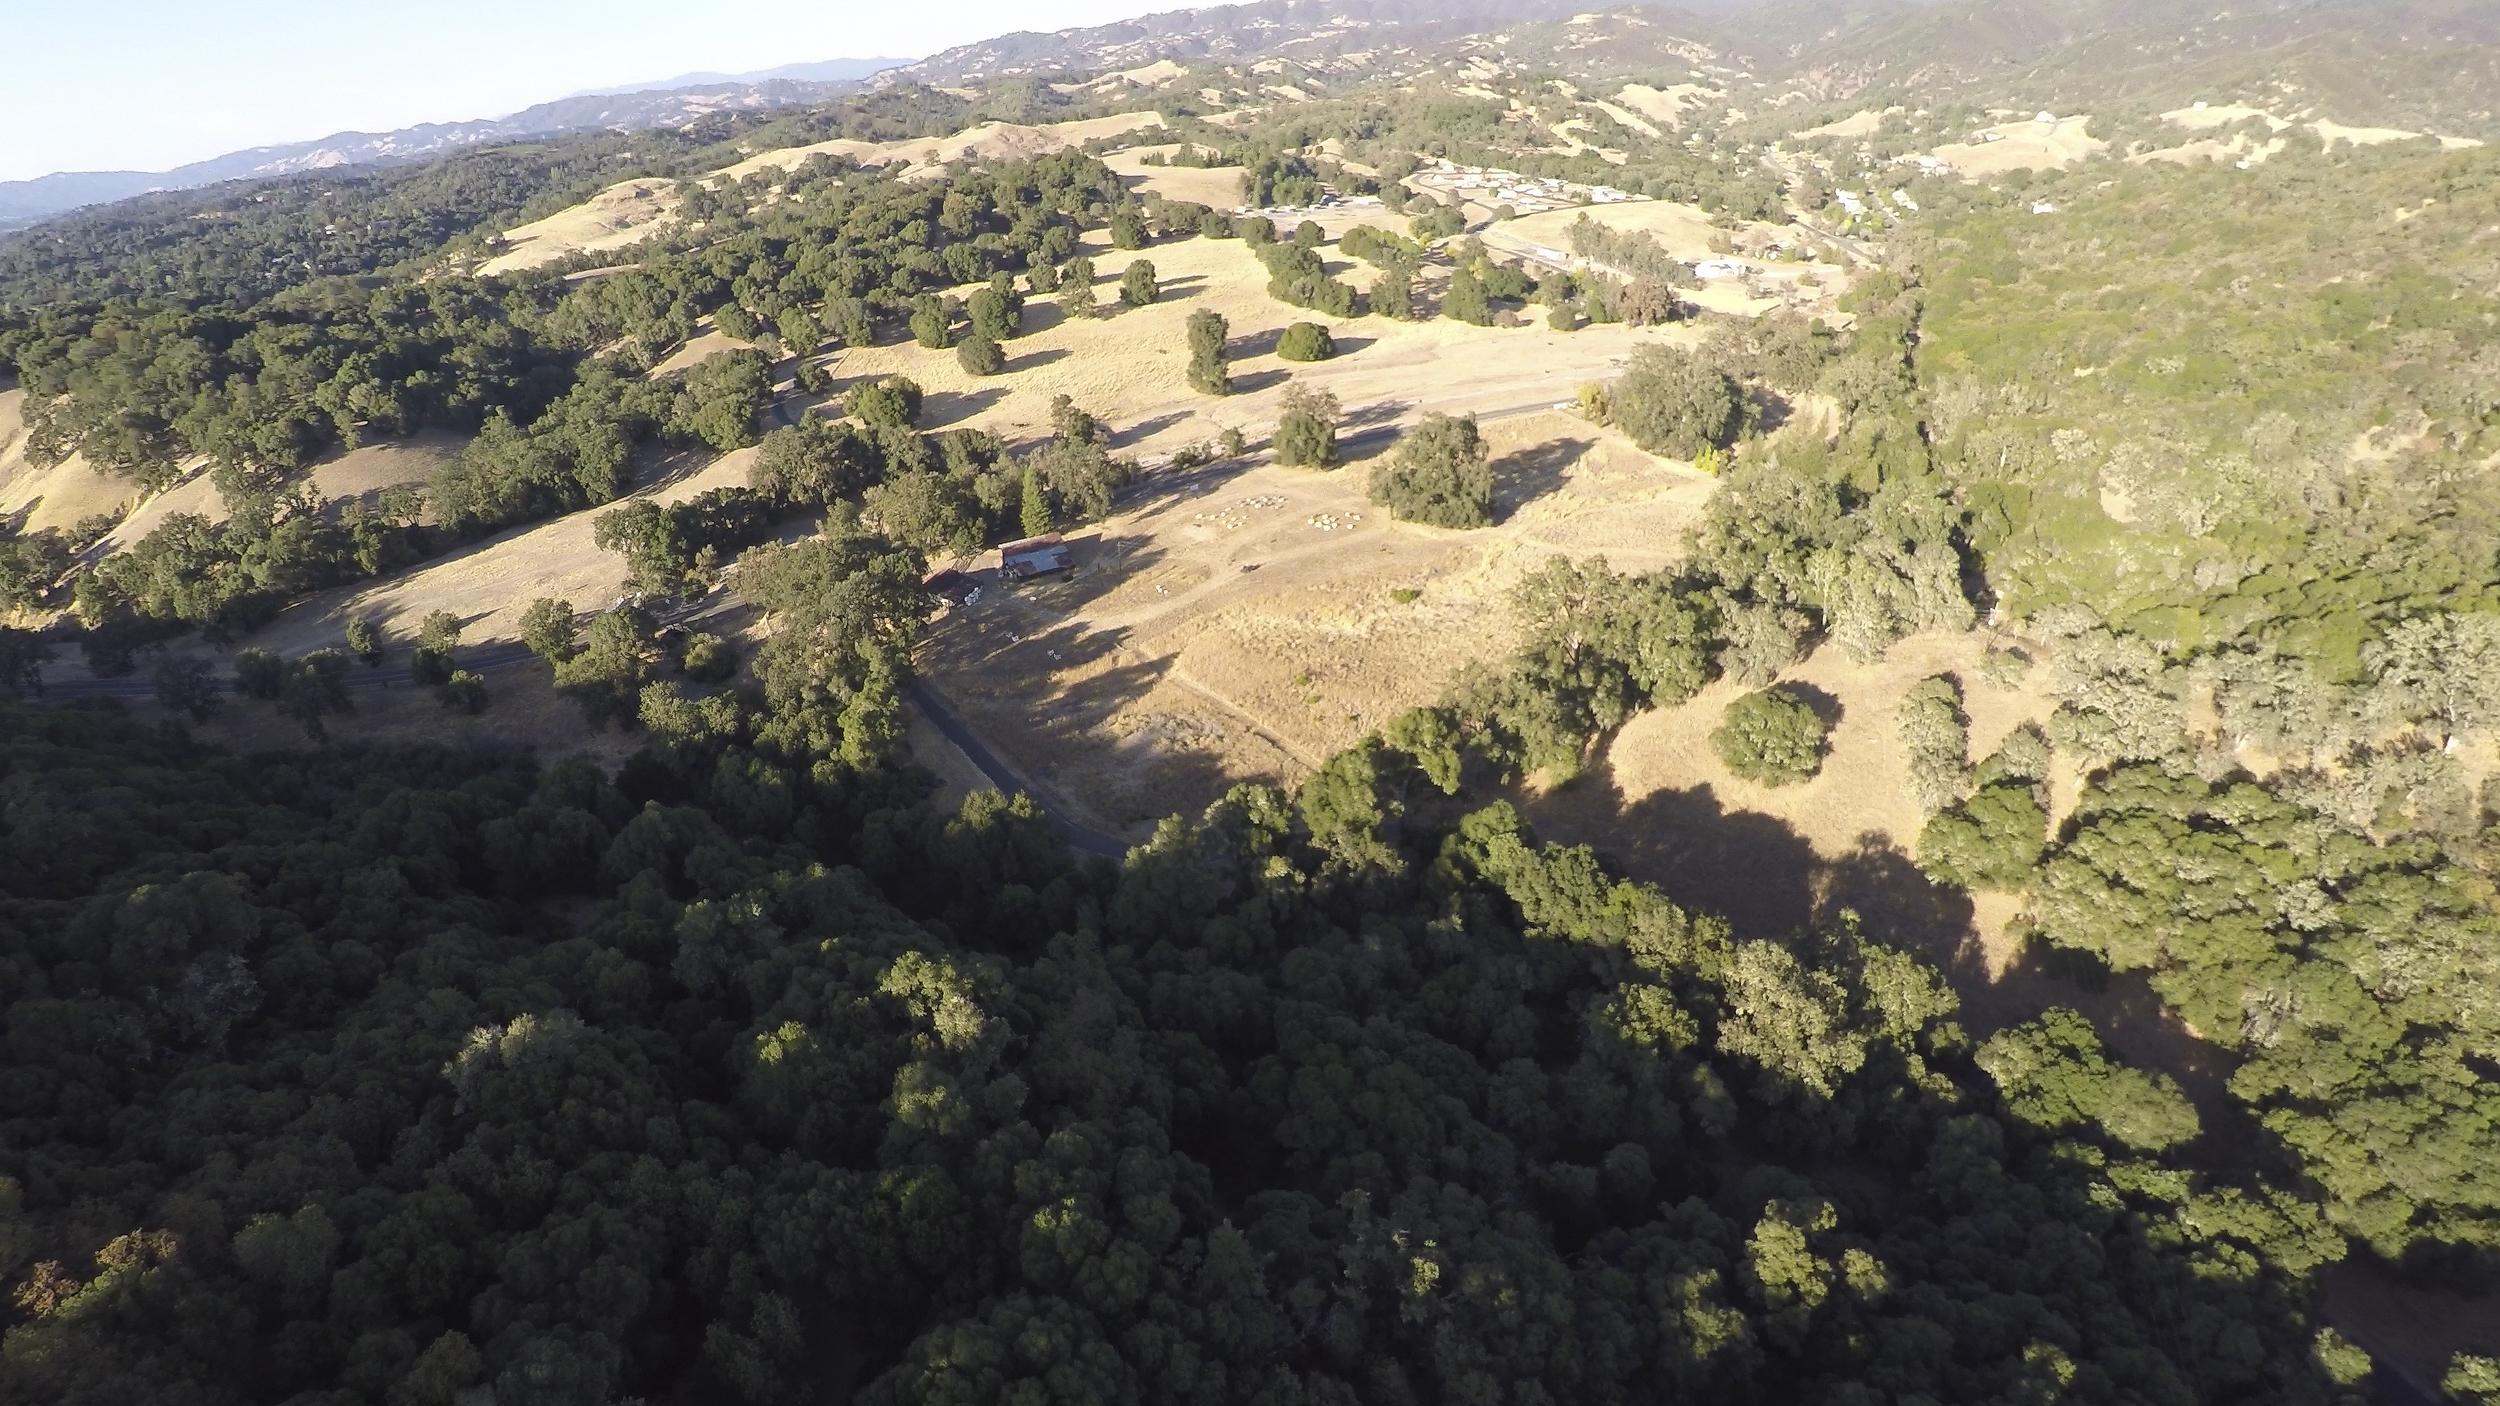 2001-Vichy-Springs-Road-Ukiah-Aerials (2 of 11).jpg